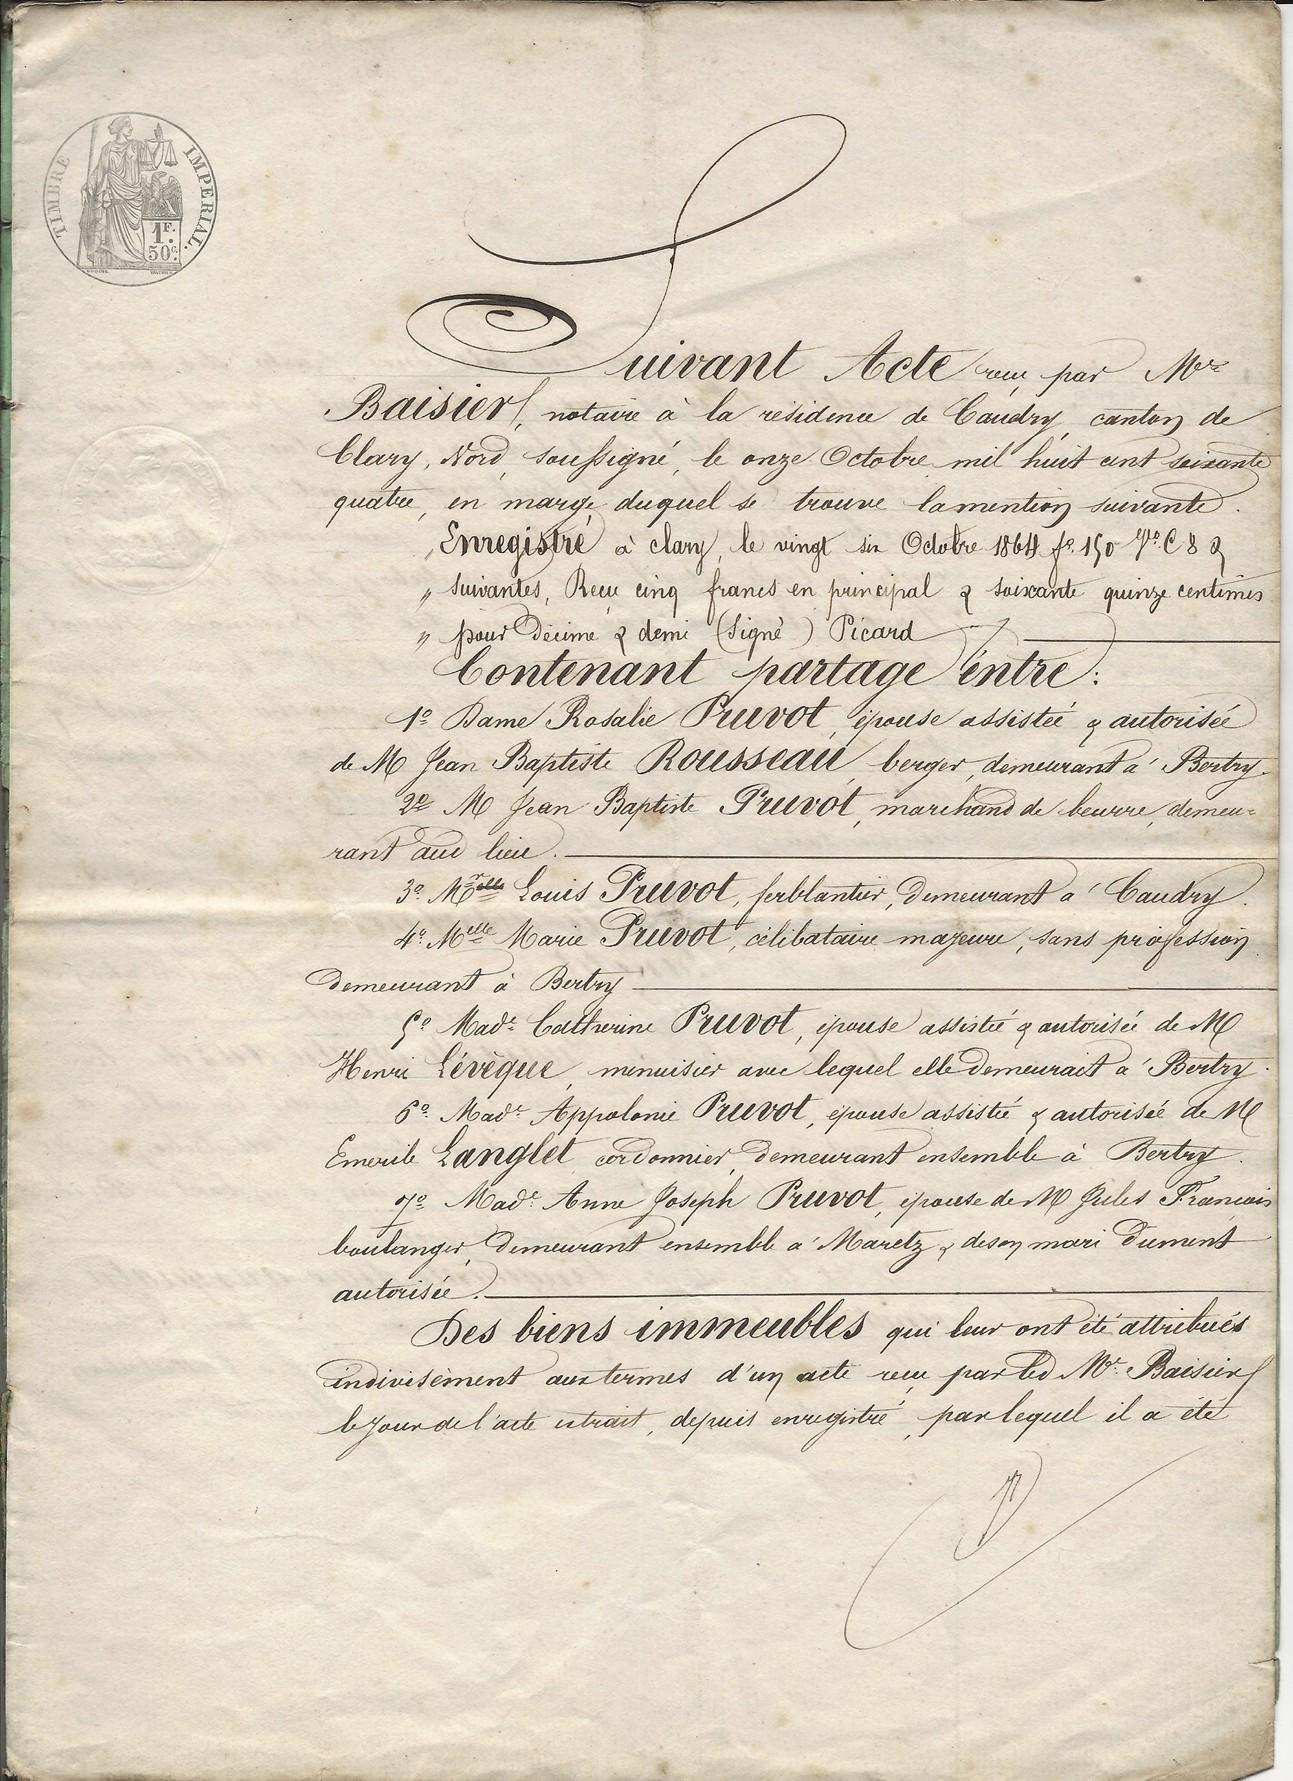 1864 succession partage de ferdinant pruvot 001